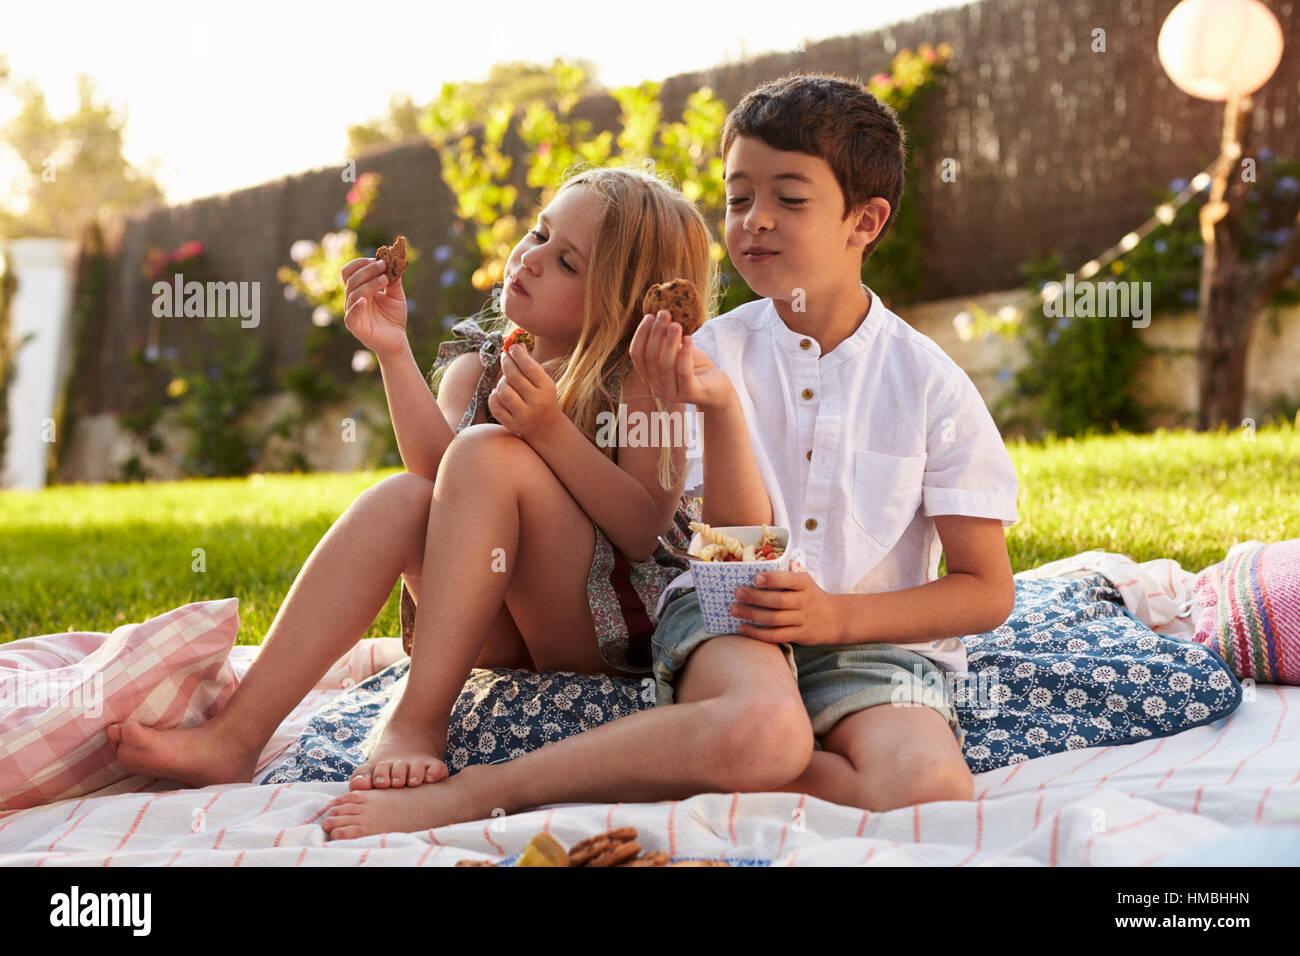 Two Children Enjoying Picnic On Blanket In Garden Stock Photo